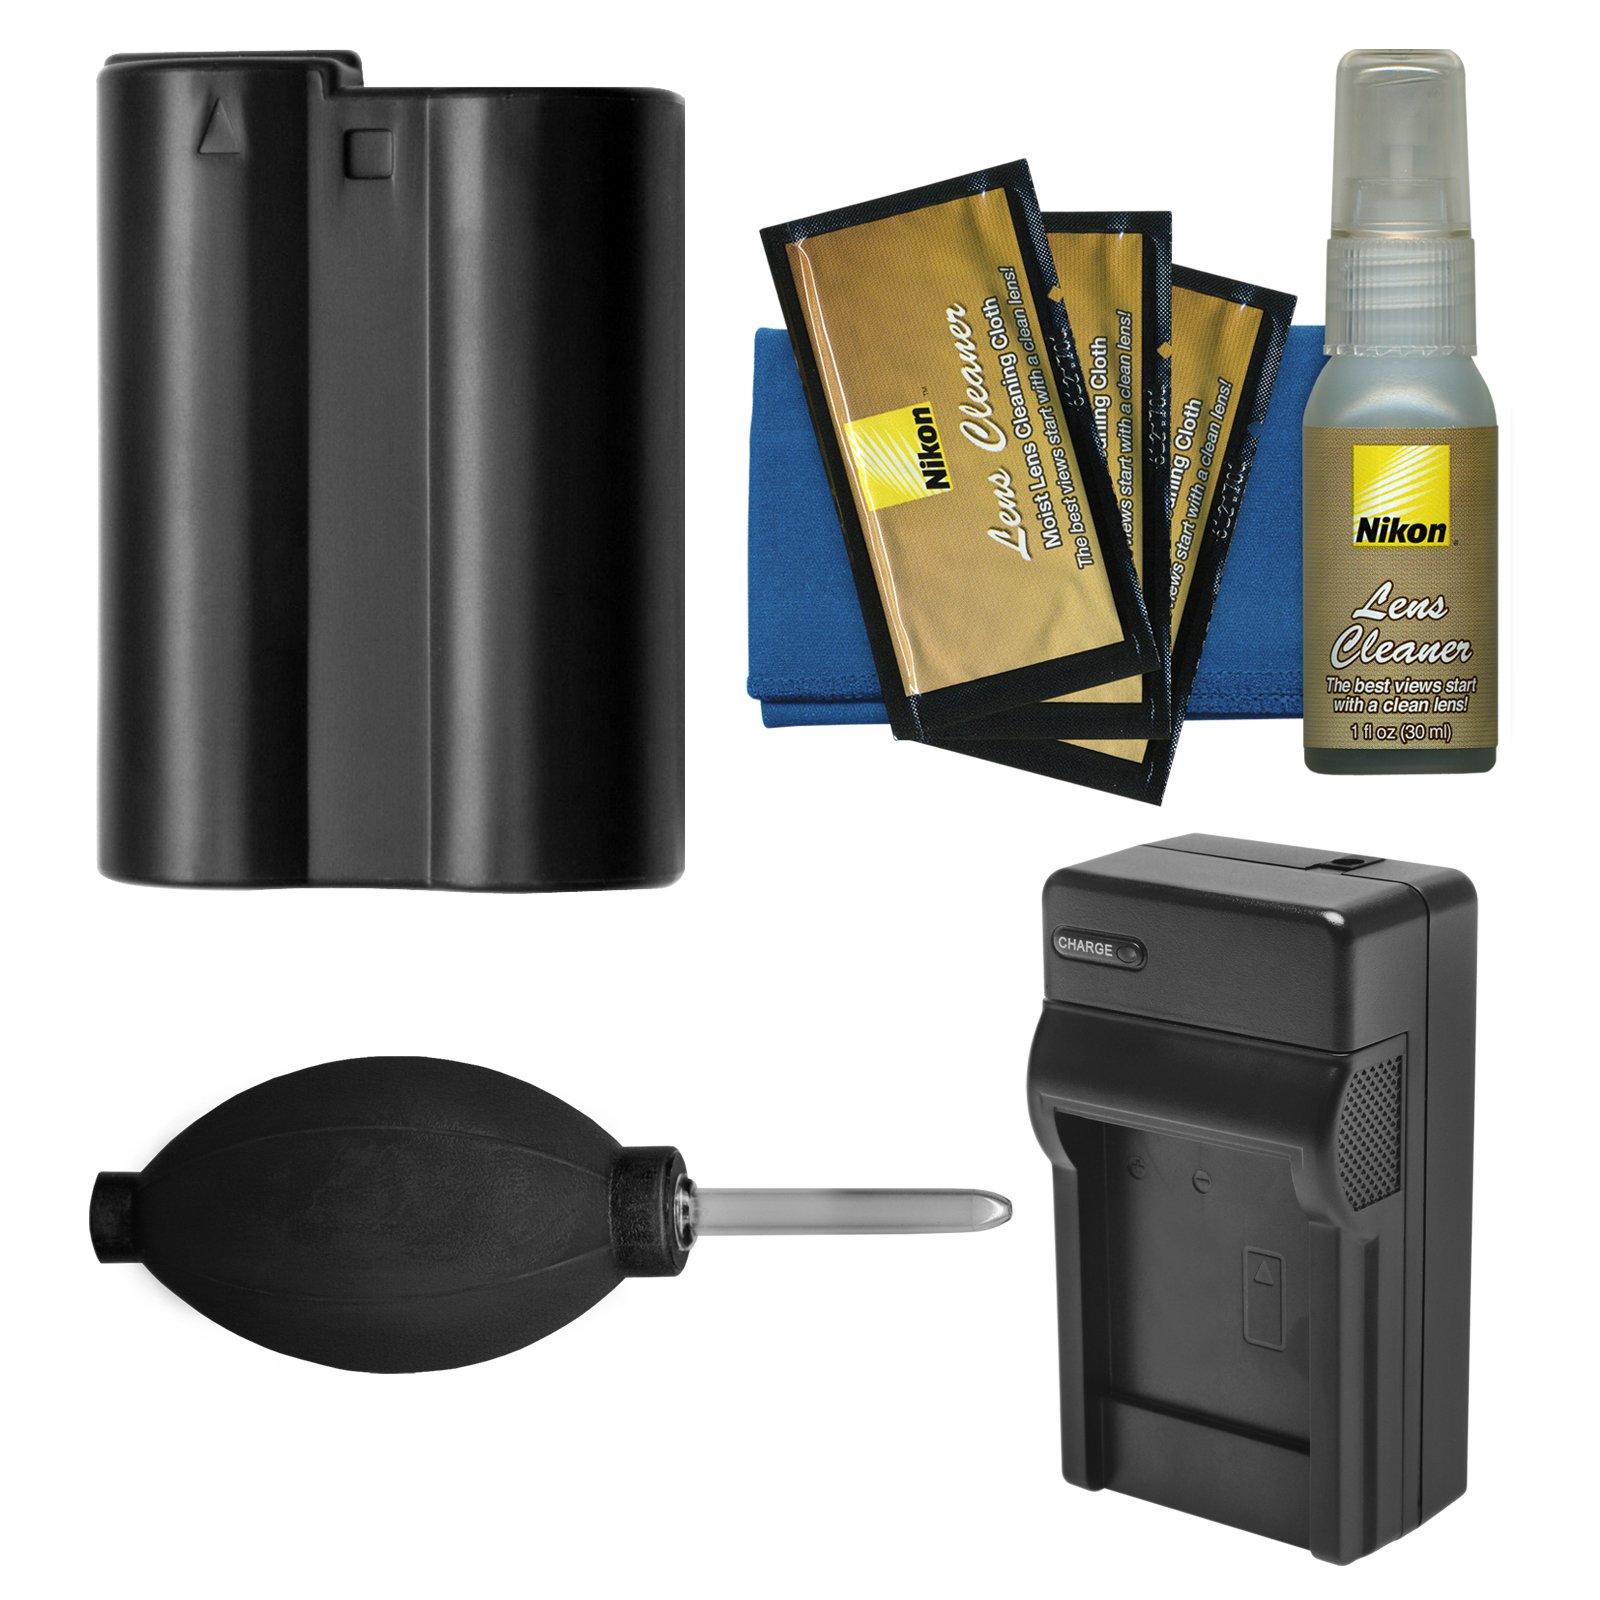 Essentials Bundle for Nikon D7200, D7500, D500, D610, D750, D810, D850 Camera with EN-EL15 Battery & Charger + Cleaning Kit